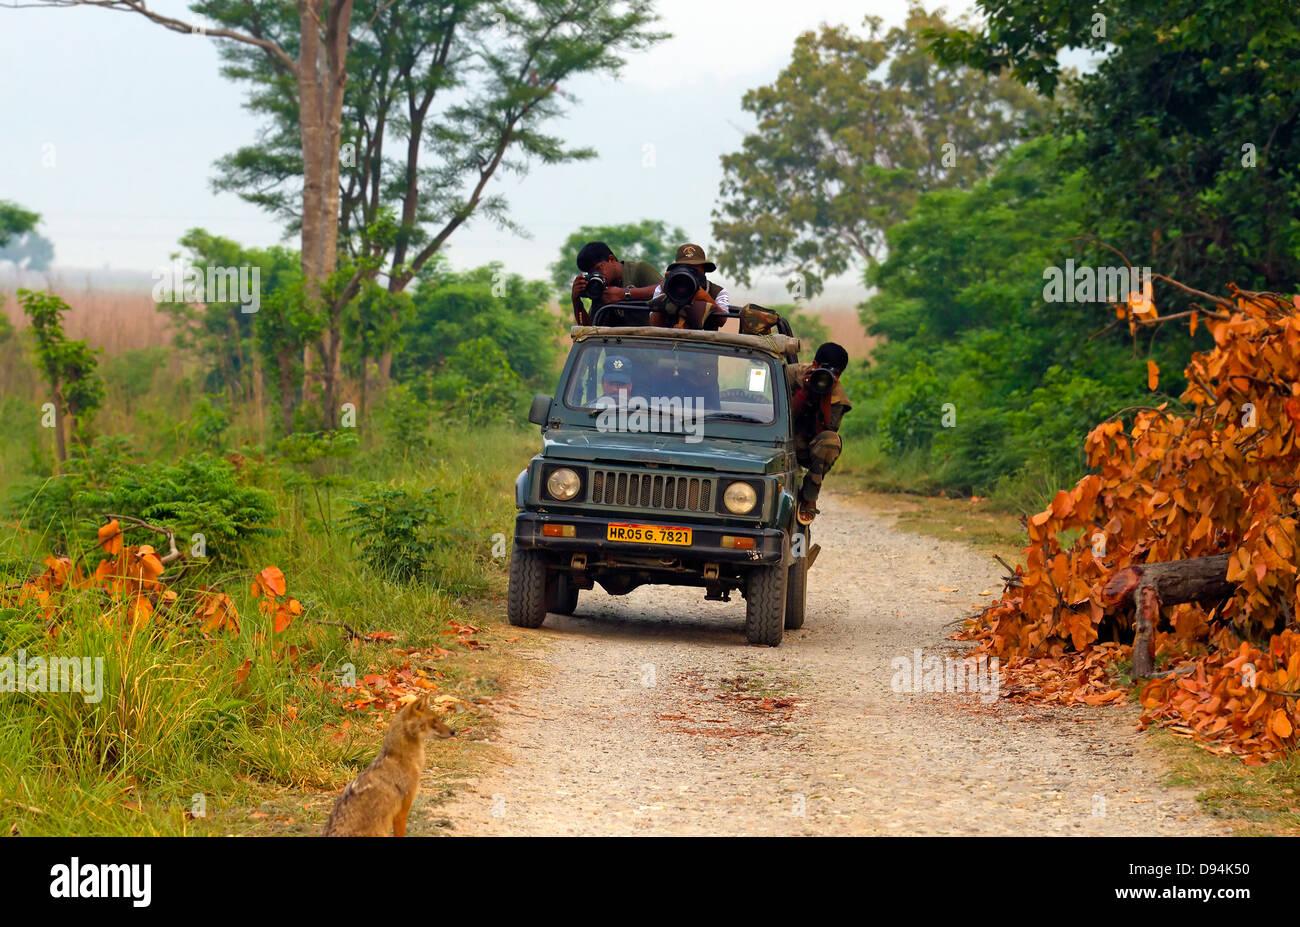 Fahrzeug, Outdoor, Menschen, Natur, Fahrzeug, Städtisches Motiv, Reiseziele, Wildlife Tour, Menschen auf Reisen, Stockbild